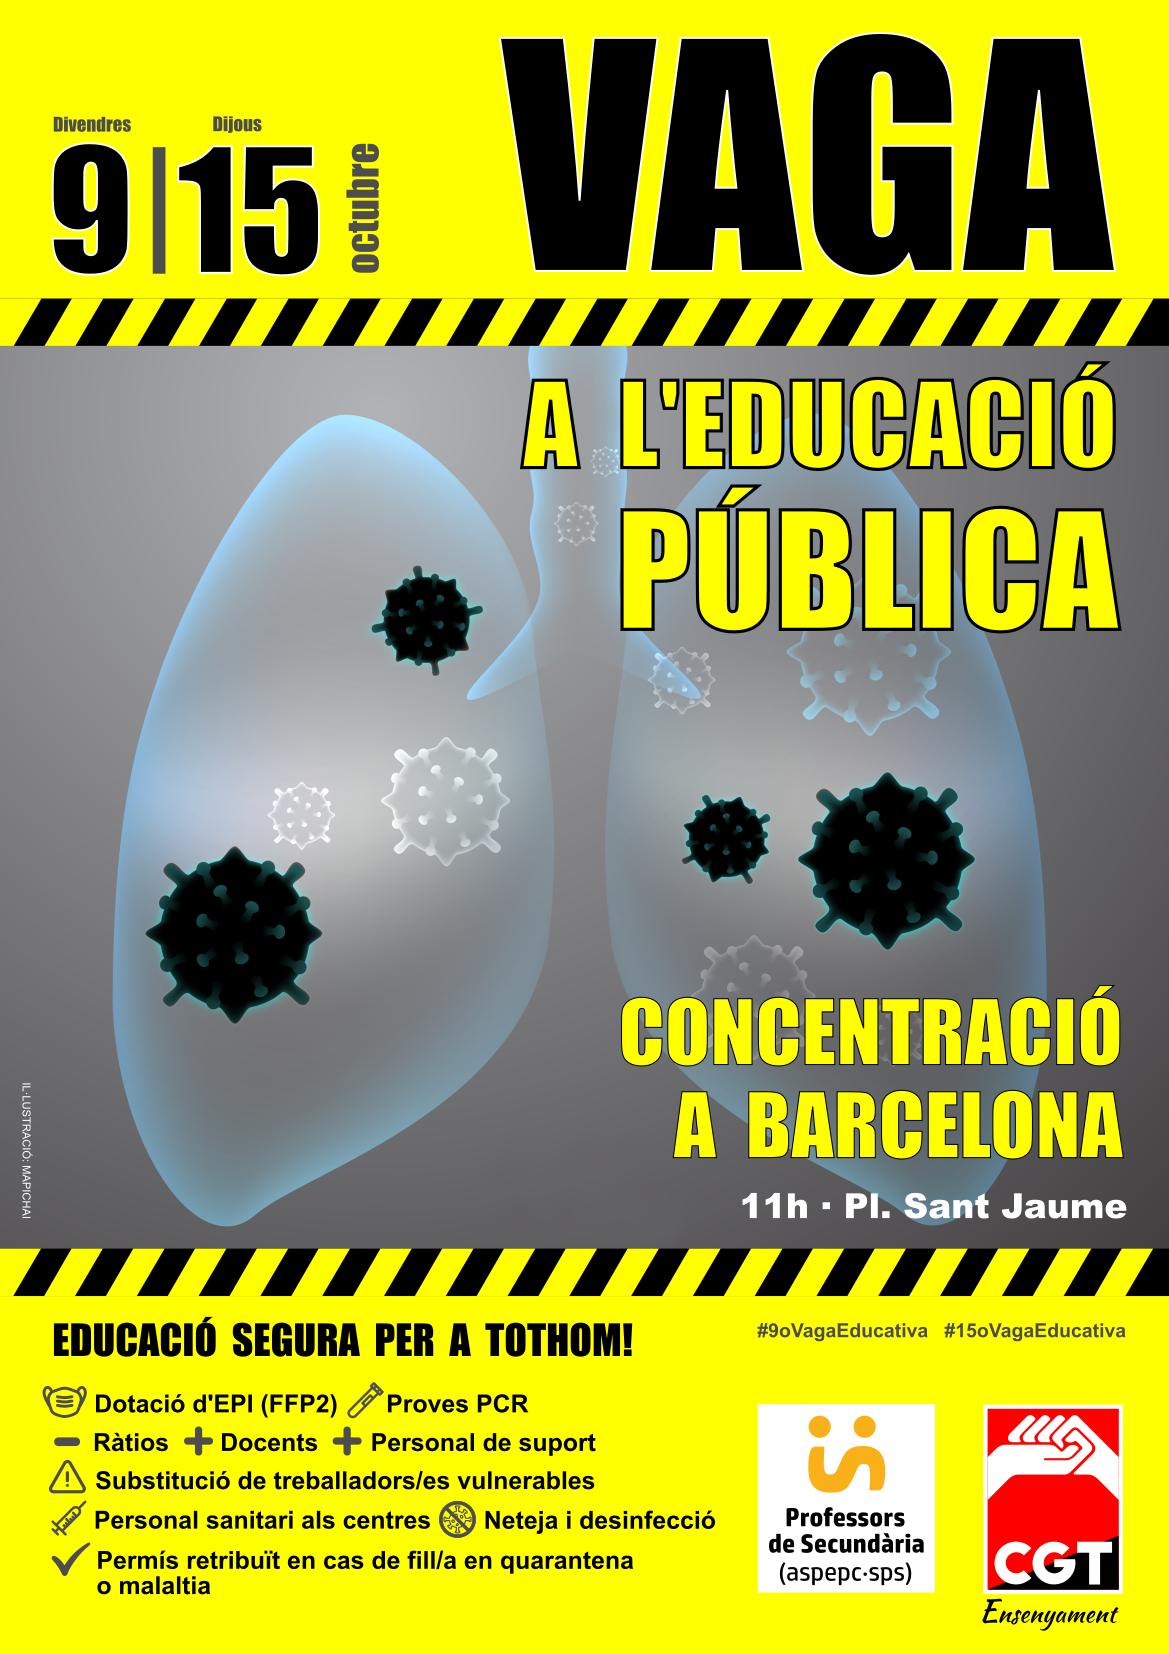 concentracio_vaga_9_oct_aspepc_cgt.png